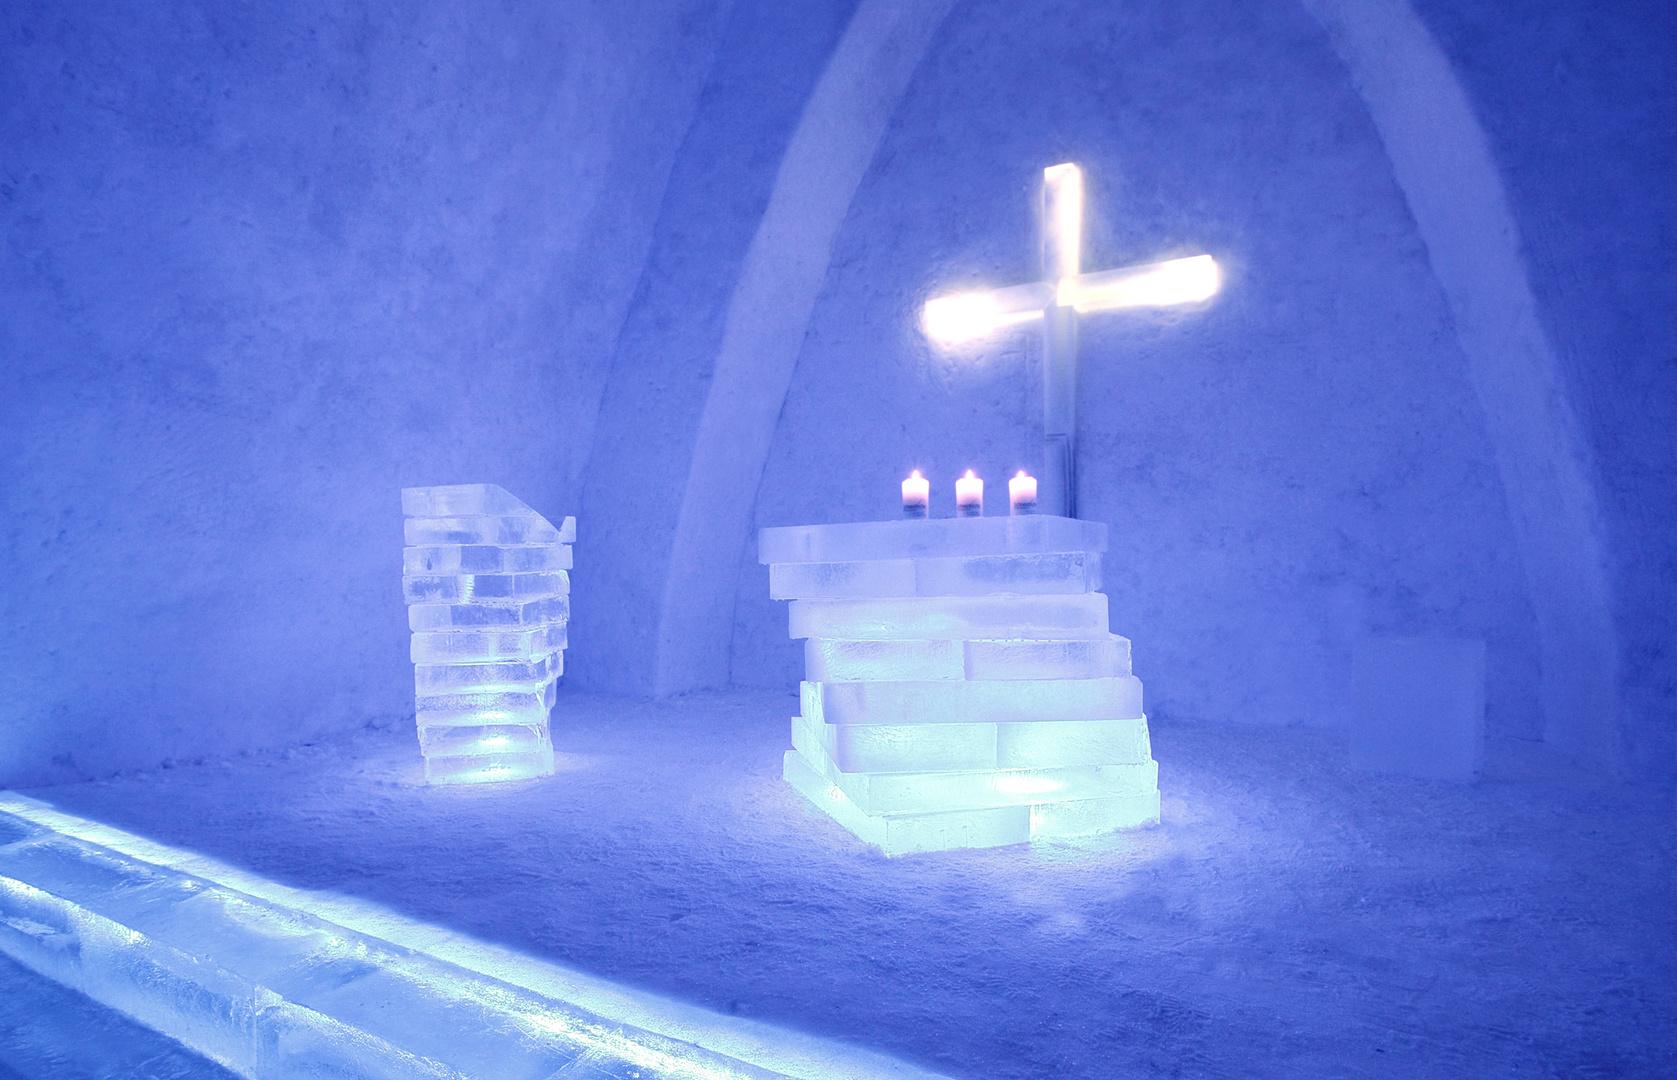 Altar un Ambo in der Schneekirche